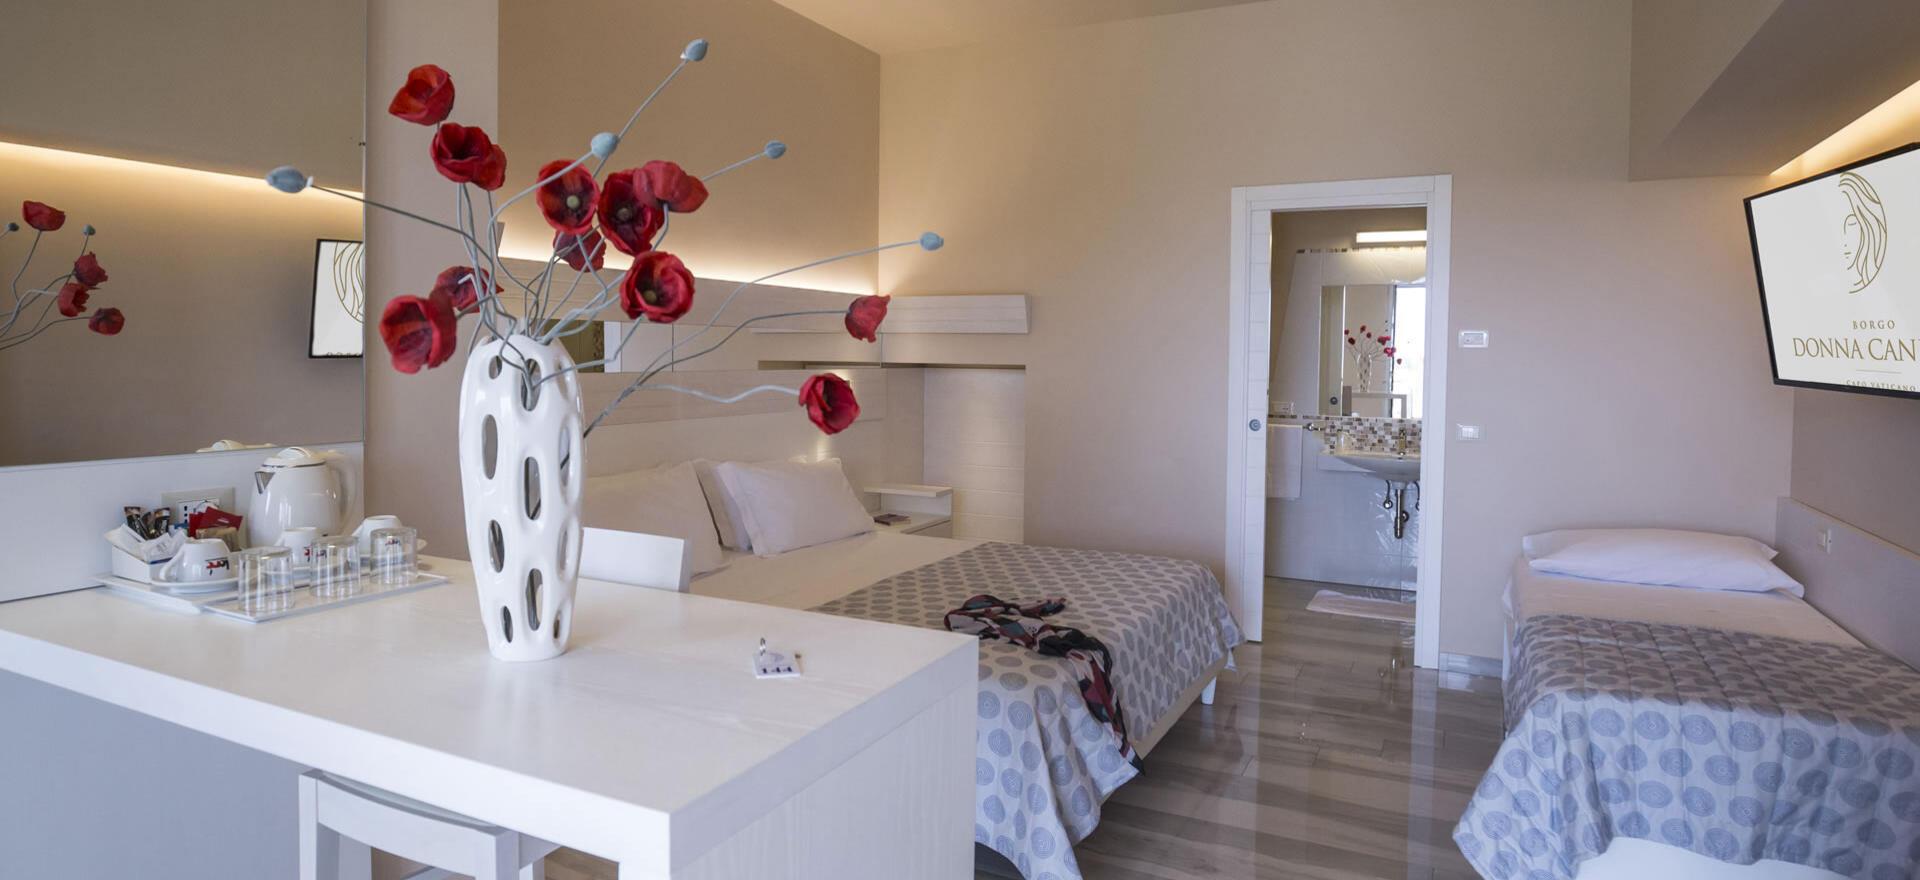 borgodonnacanfora fr maisons-de-vacances-calabre 001